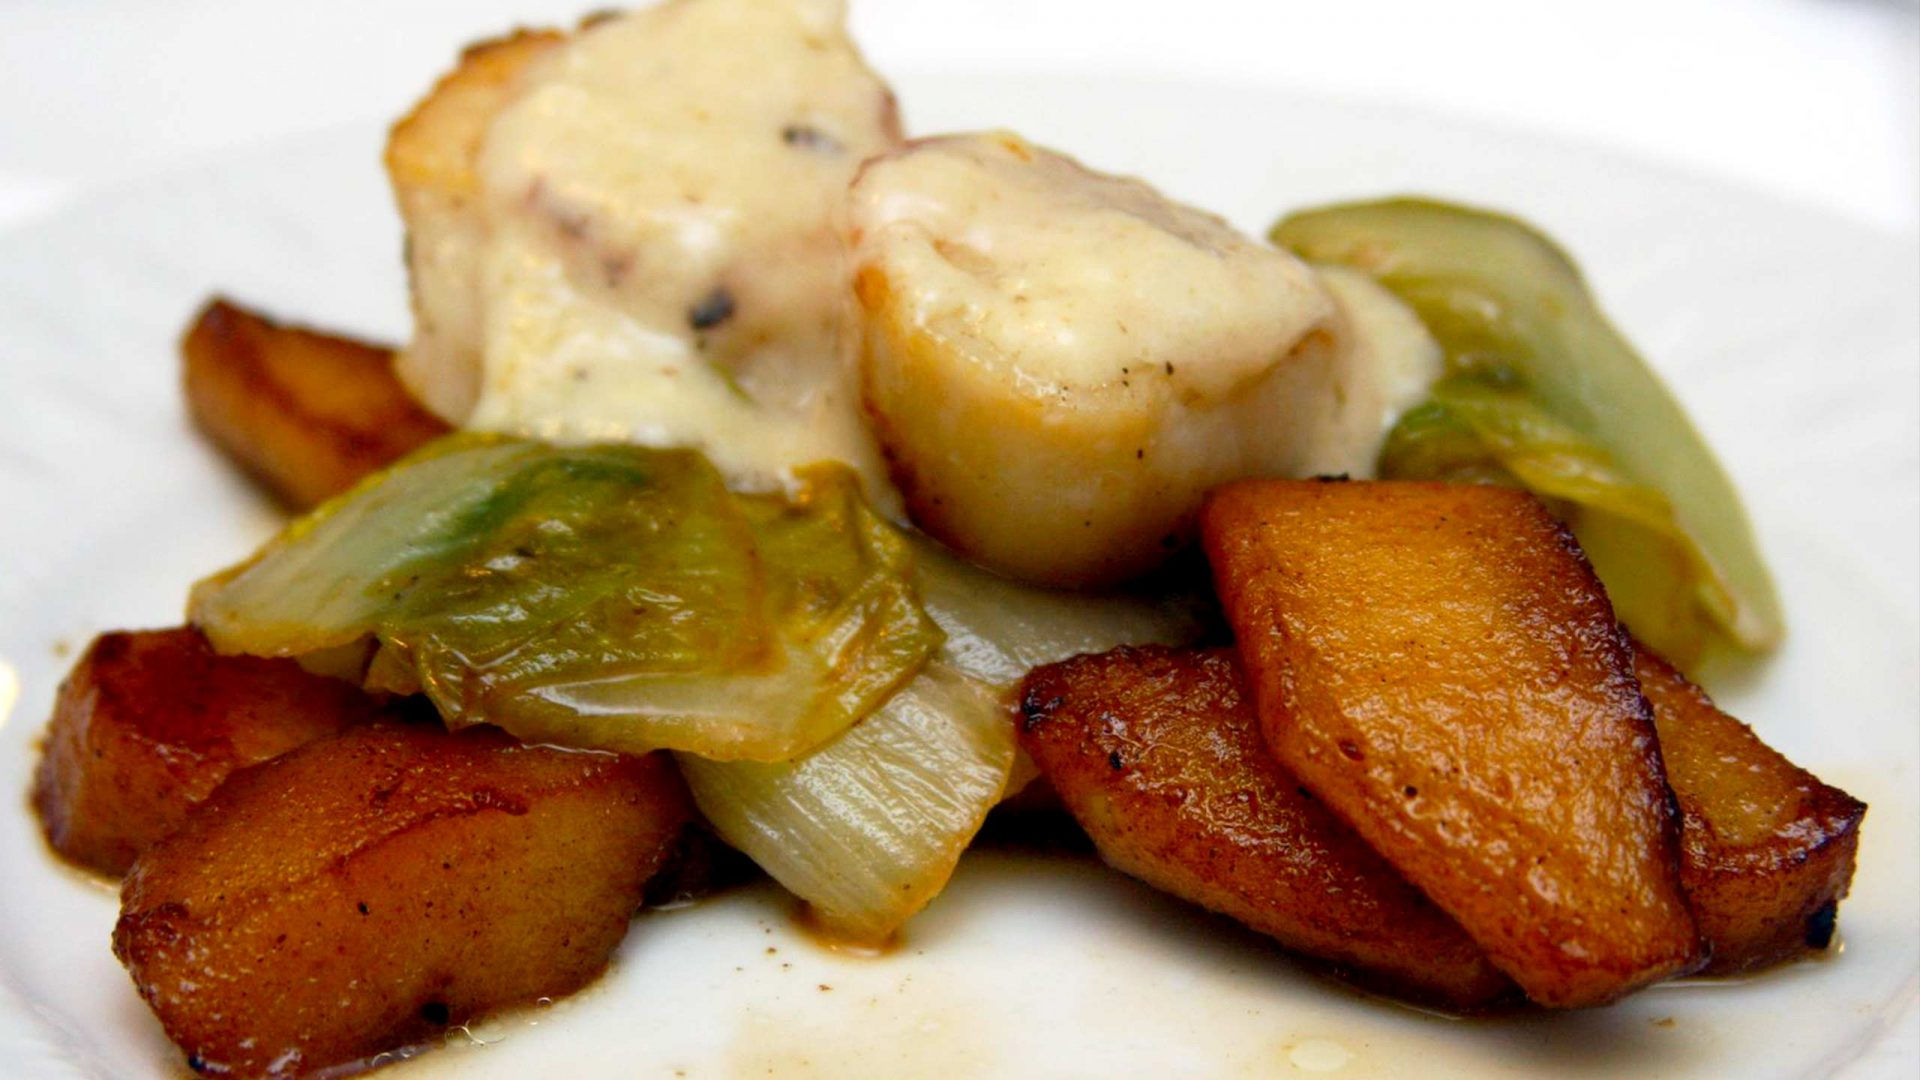 סלט אנדיב ותפוחי עץ מקורמלים עם קוקי סאן ז'אק